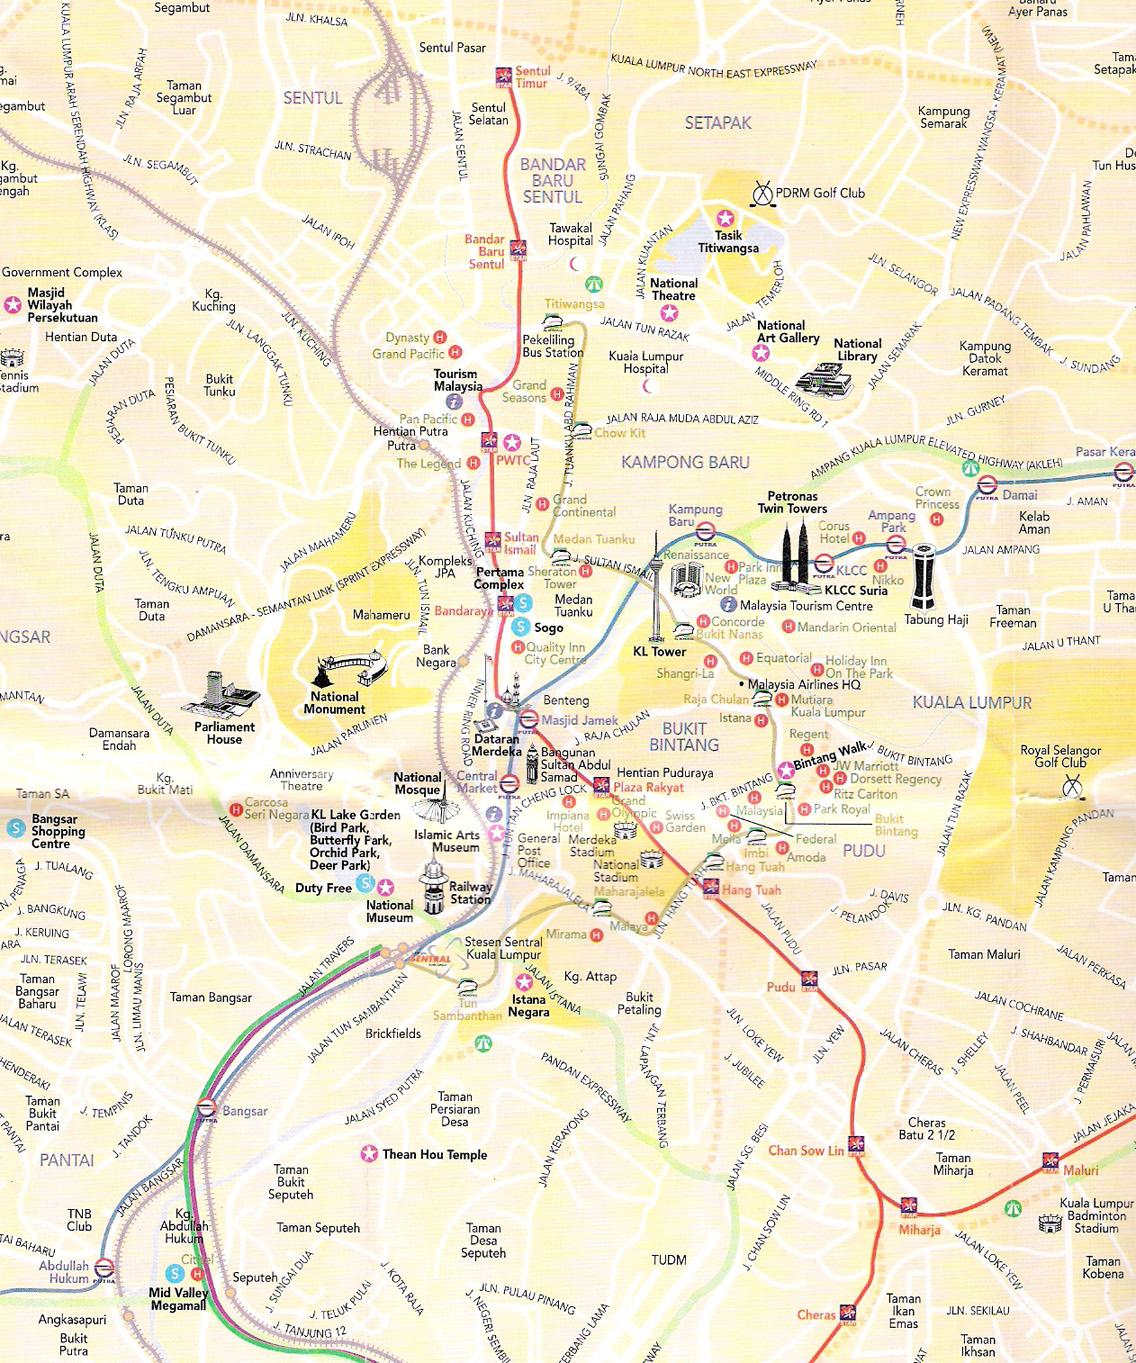 Kuala Lumpur Malaysia Map: Kuala Lumpur City Malaysia